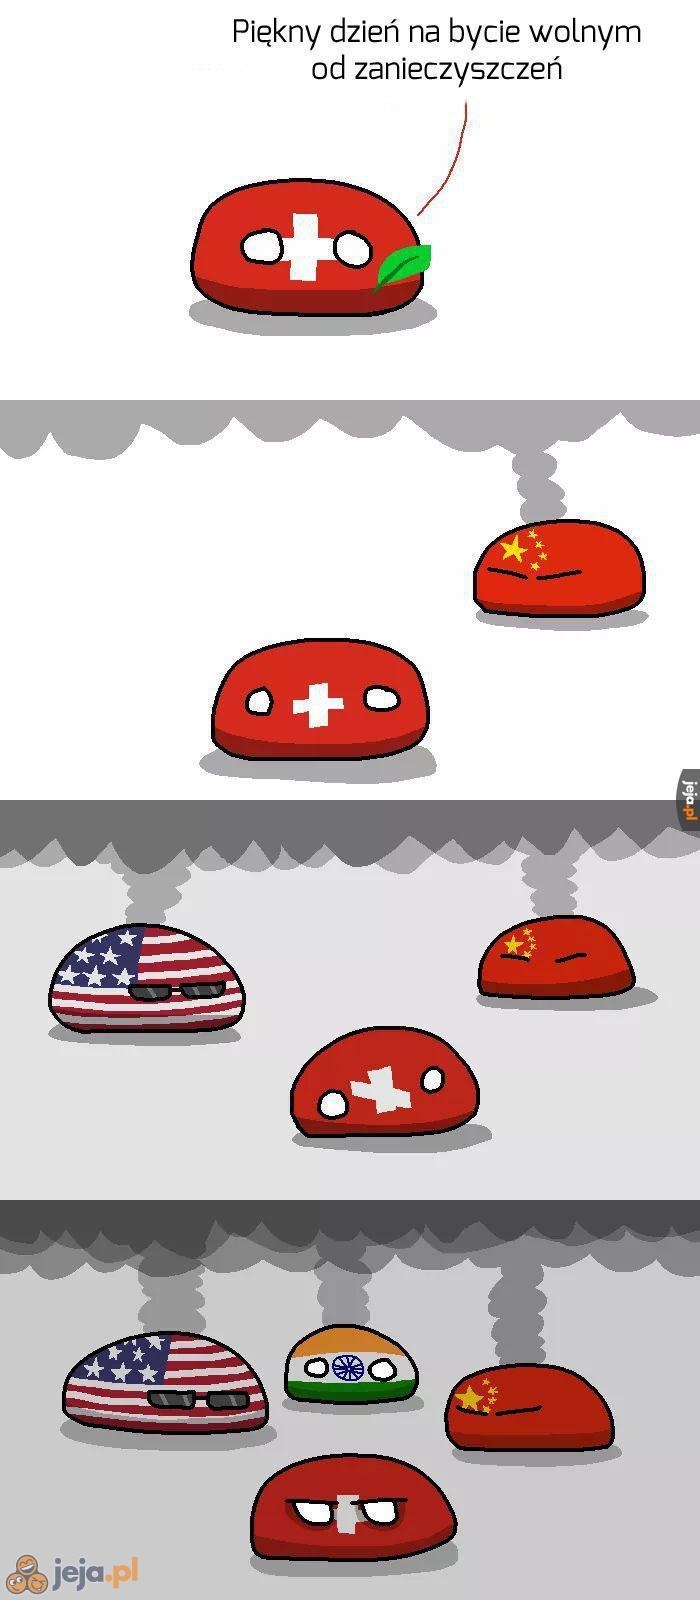 Szwajcaria a zanieczyszczenia